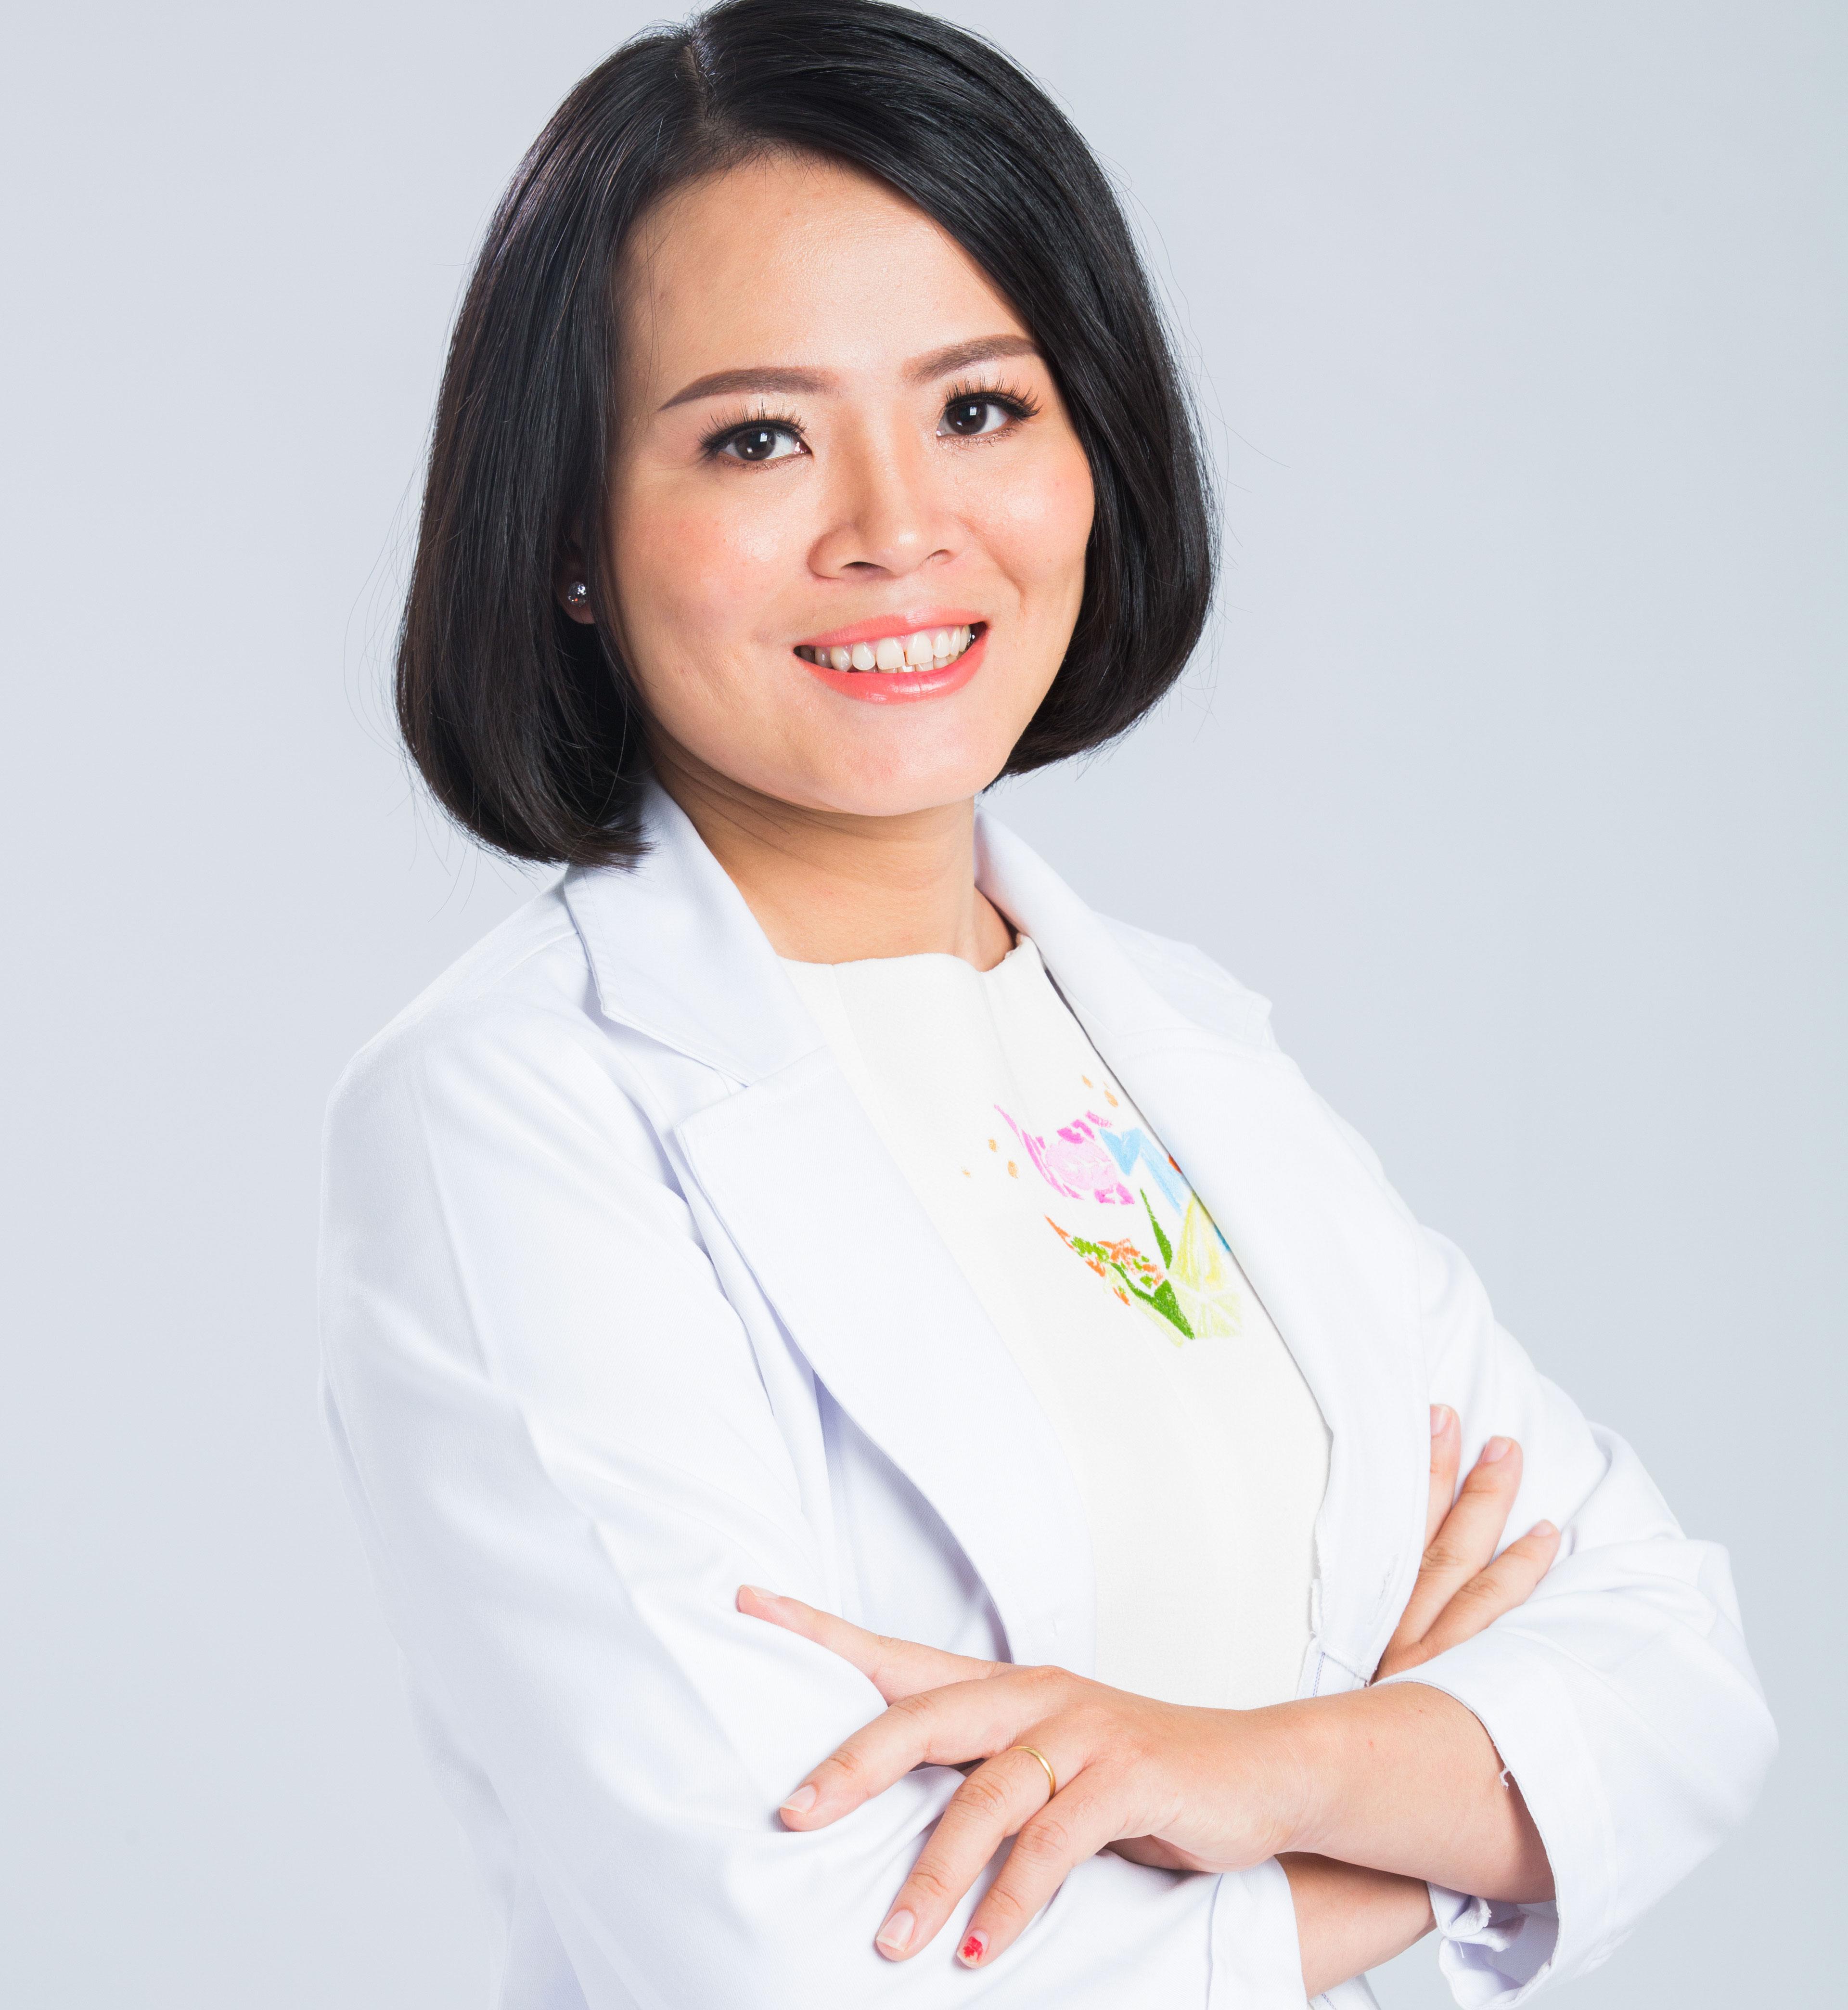 Tiến sĩ - Bác sĩ Đào Hoàng Thiên Kim